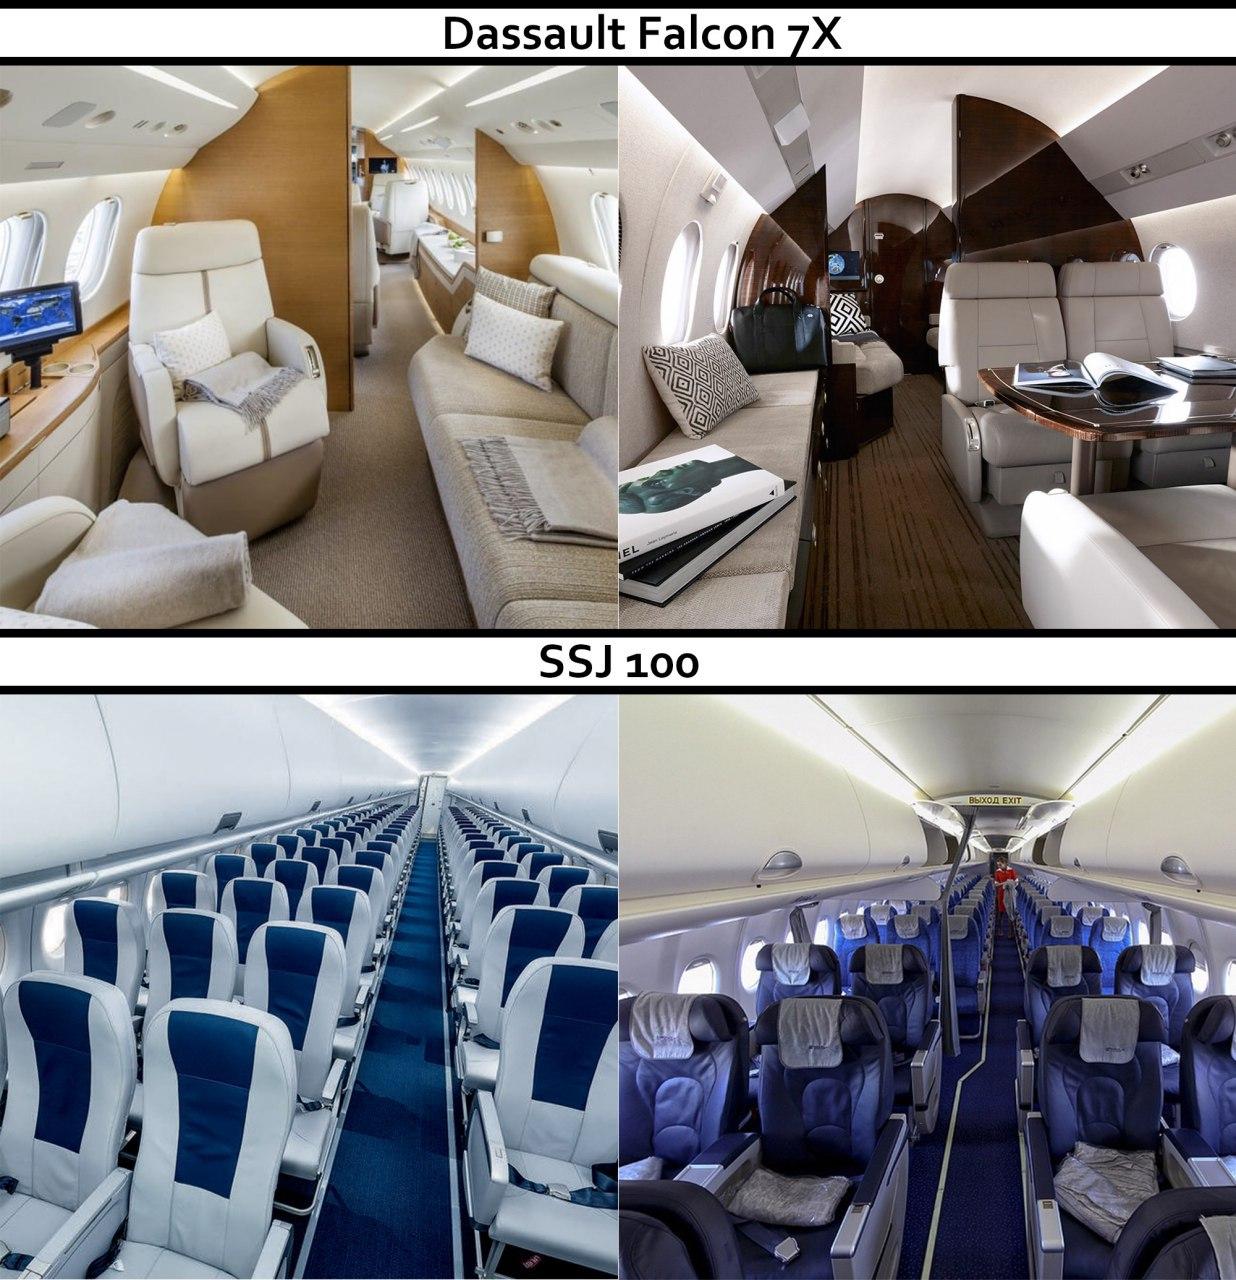 """Бизнес-джет за счёт человеческих жизней или Зачем Минздраву """"самолёт для миллиардеров"""""""